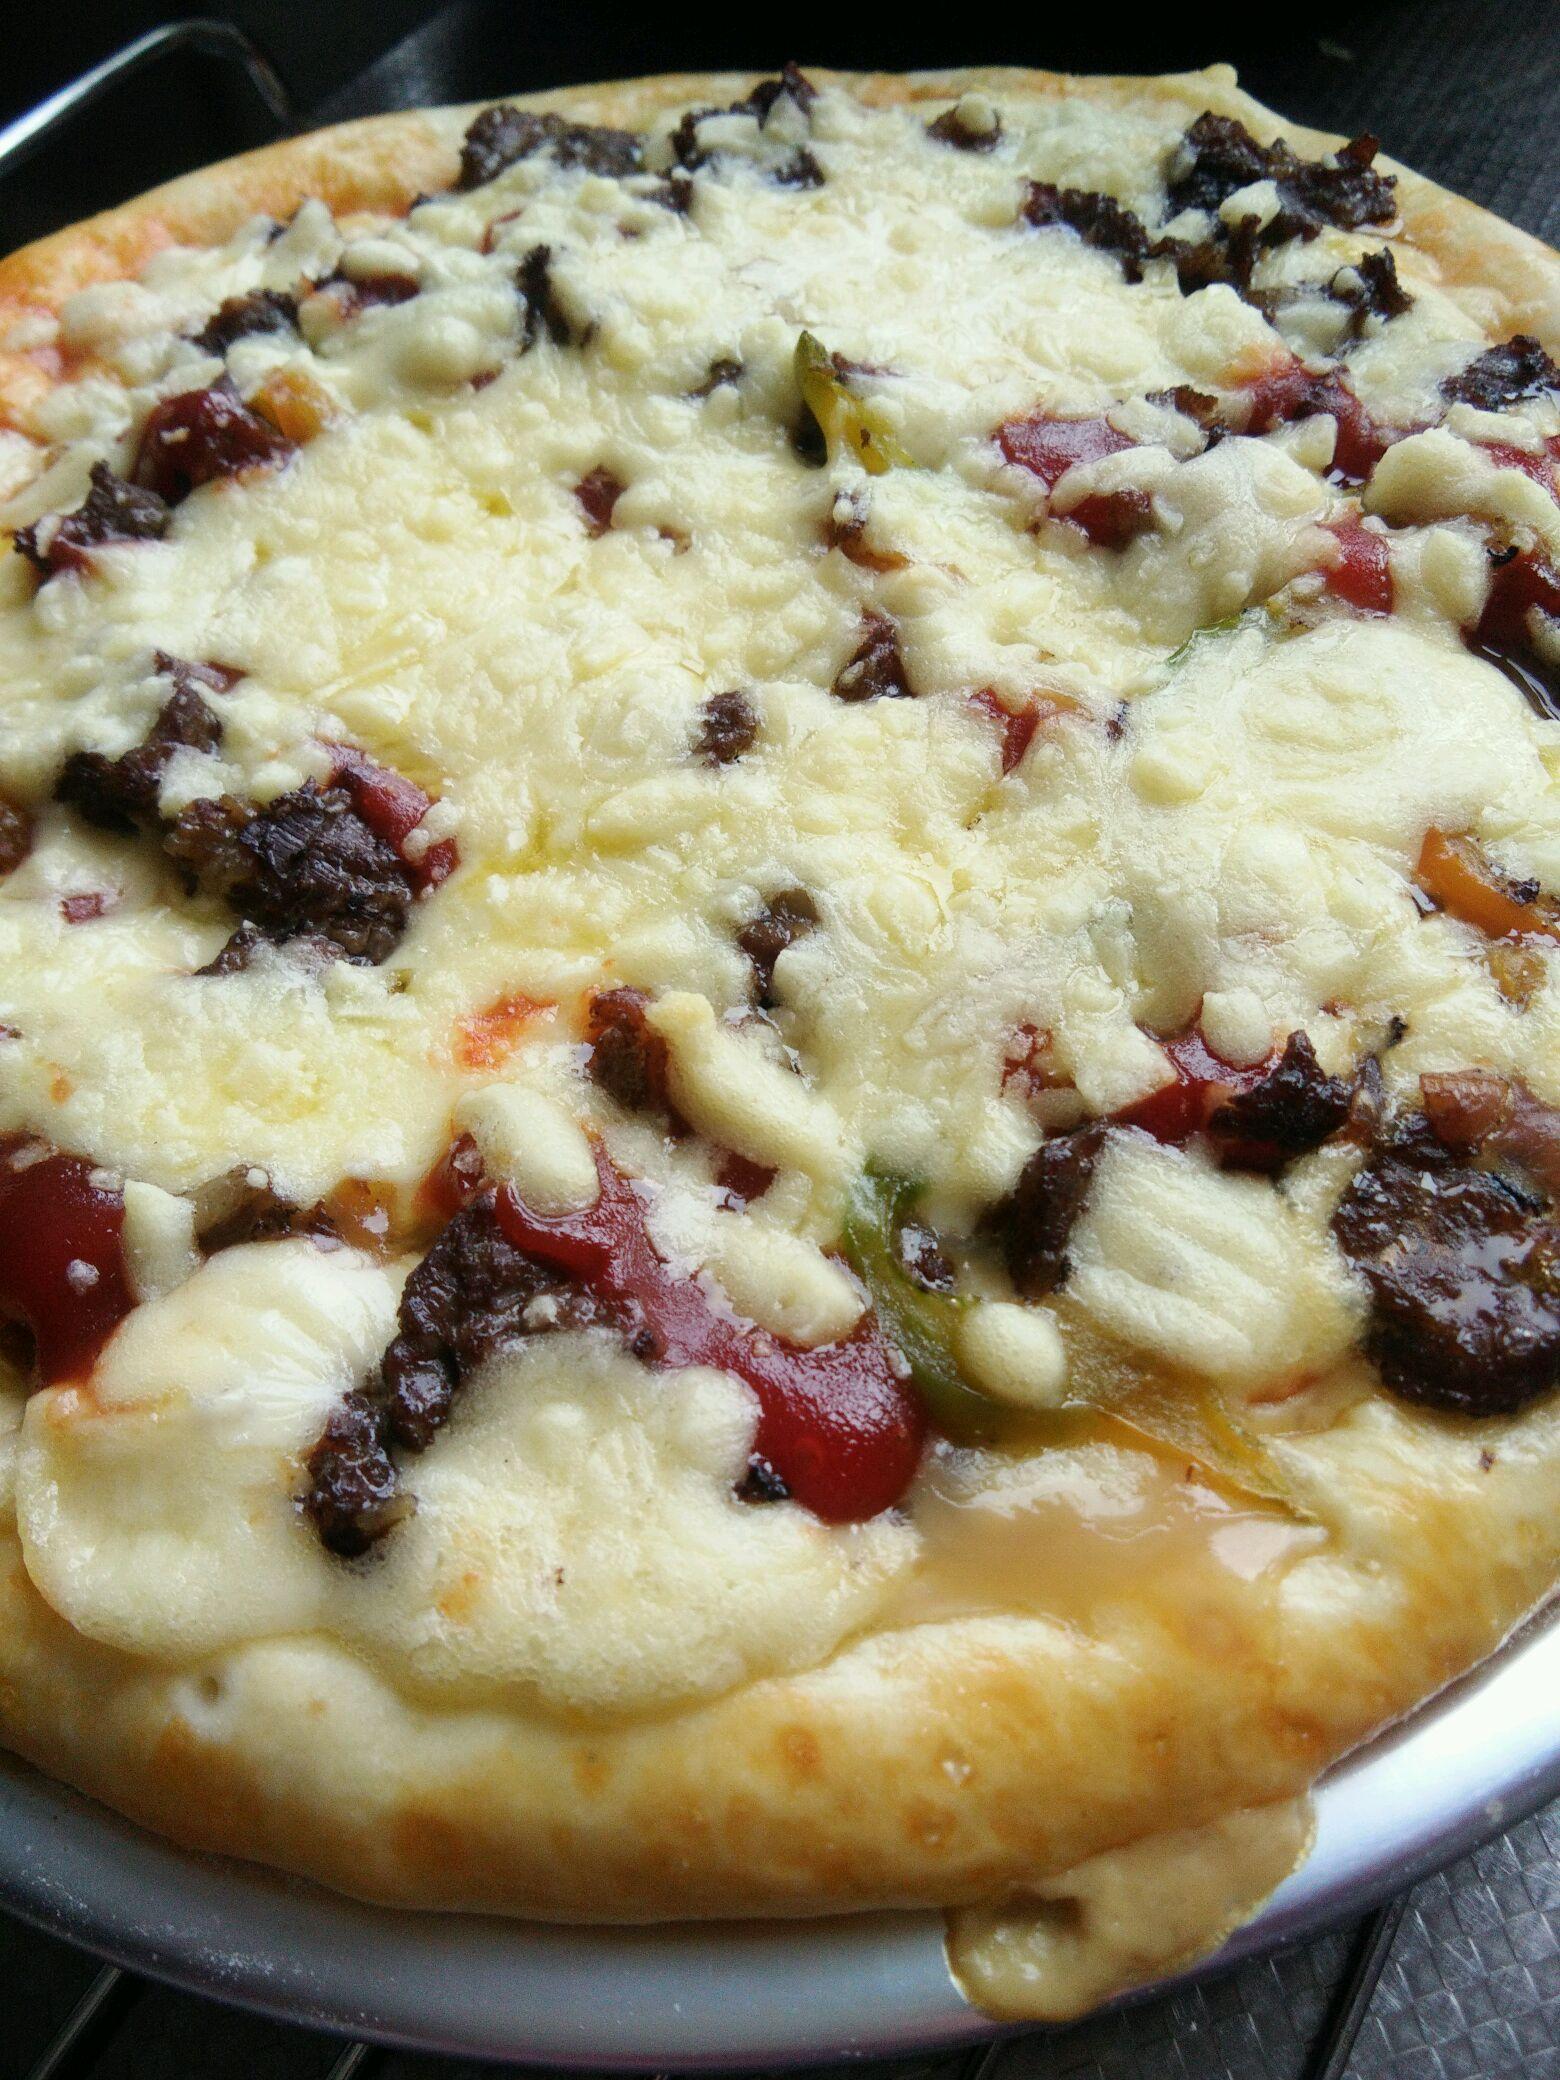 比萨的做法_【图解】比萨怎么做如何做好吃